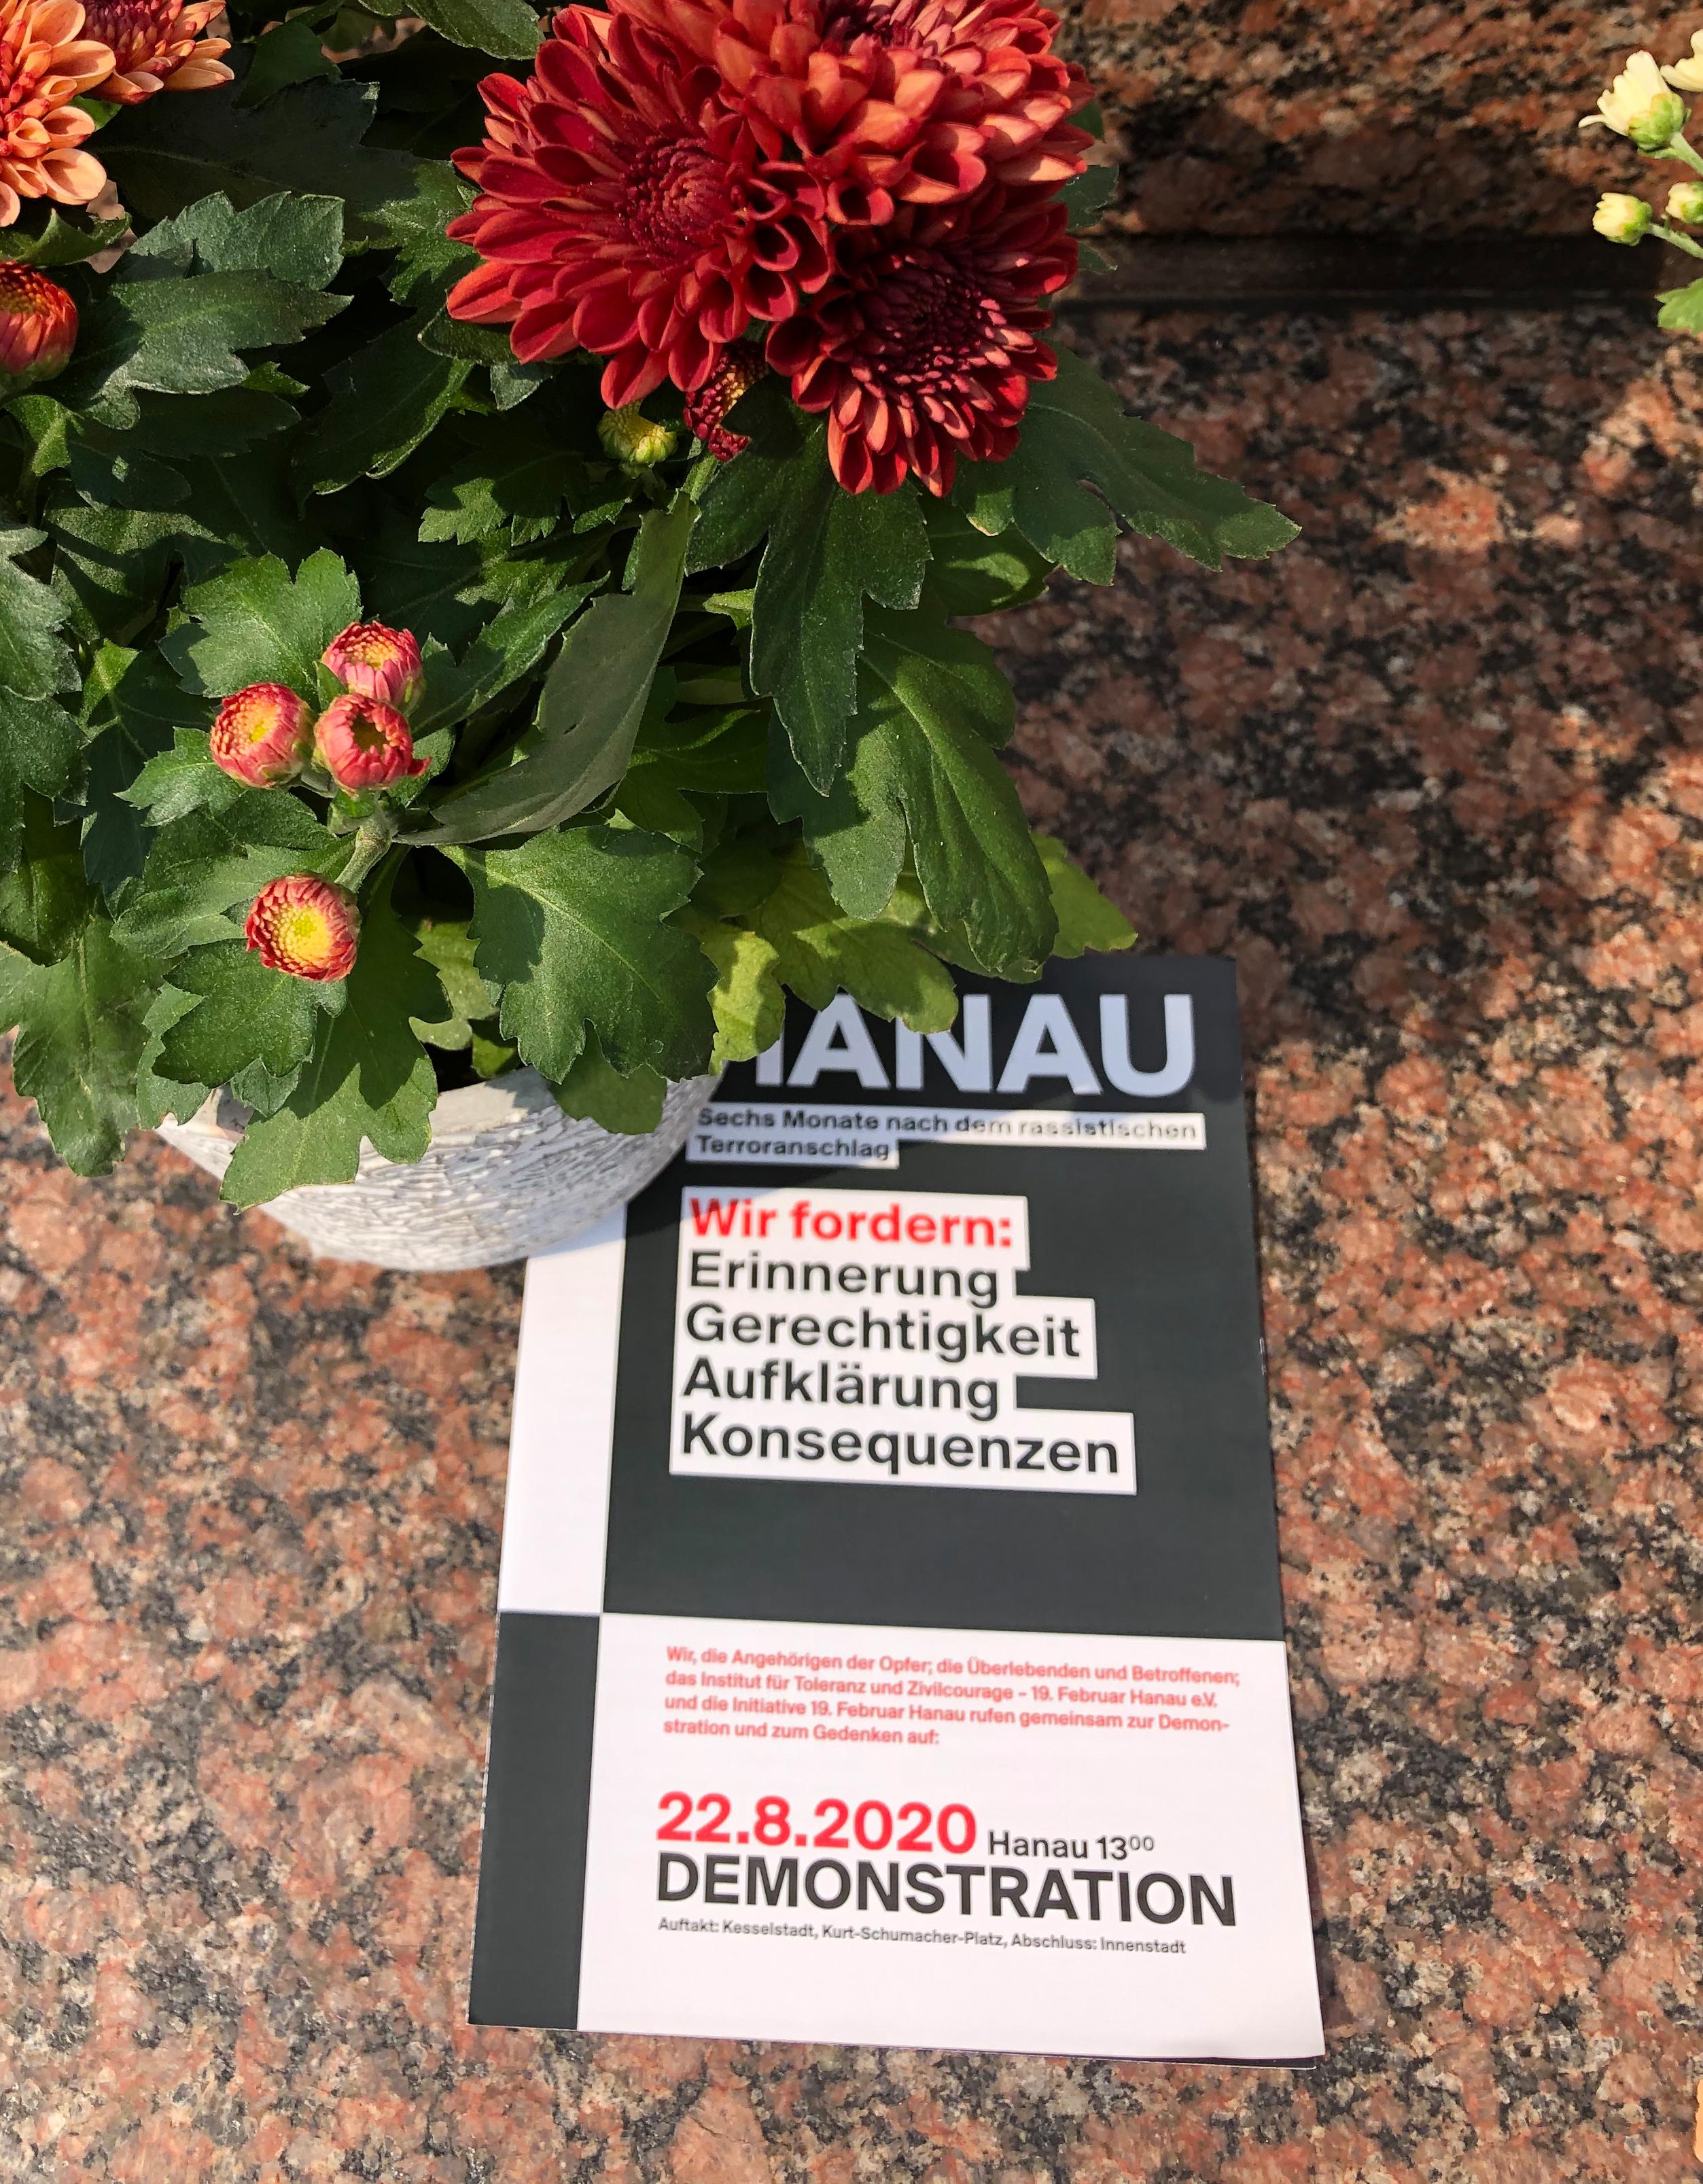 11.08.2020, Hessen, Hanau: Der Aufruf zu einer Gedenk- und Demonstrationsveranstaltung für die Opfer des rassistisch motivierten Anschlags in Hanau vom 19. Februar liegt unter Blumen am Brüder Grimm-Denkmal.